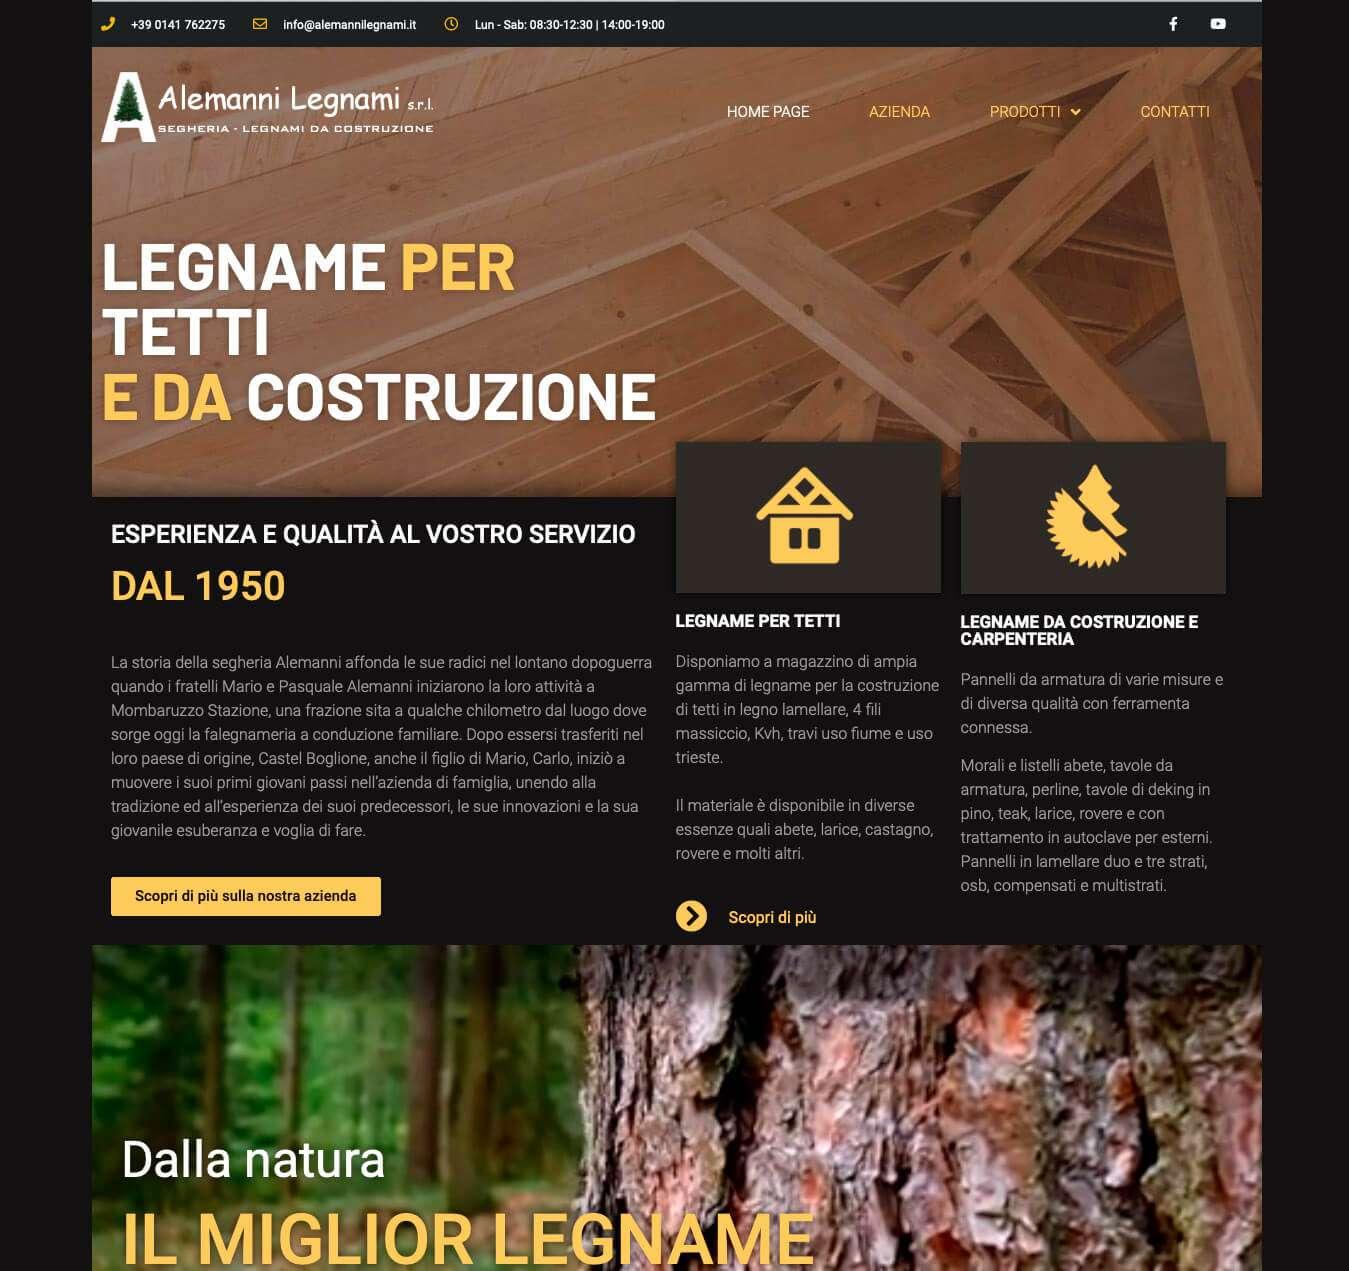 sito azienda legnami Asti Alemanni Essetre agenzia web